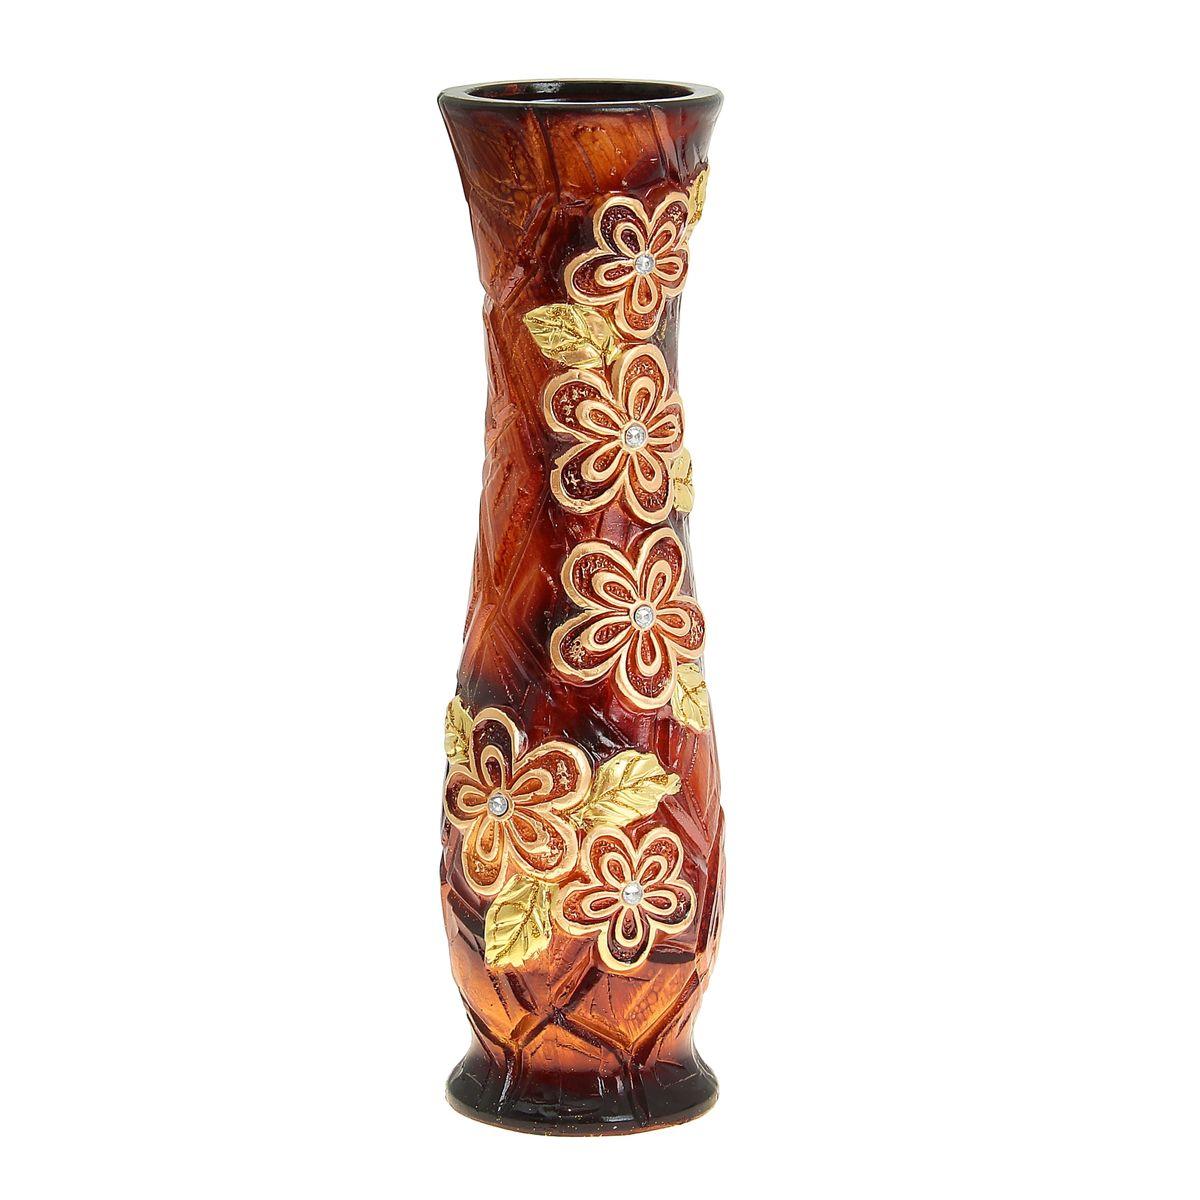 Ваза напольная Sima-land Ромашковое поле, высота 60 см912911Напольная ваза Sima-land Ромашковое поле, выполненная из керамики, станет изысканным украшением интерьера. Она предназначена как для живых, так и для искусственных цветов. Интересная форма и необычное оформление сделают эту вазу замечательным украшением интерьера. Любое помещение выглядит незавершенным без правильно расположенных предметов интерьера. Они помогают создать уют, расставить акценты, подчеркнуть достоинства или скрыть недостатки.Высота: 60 см.